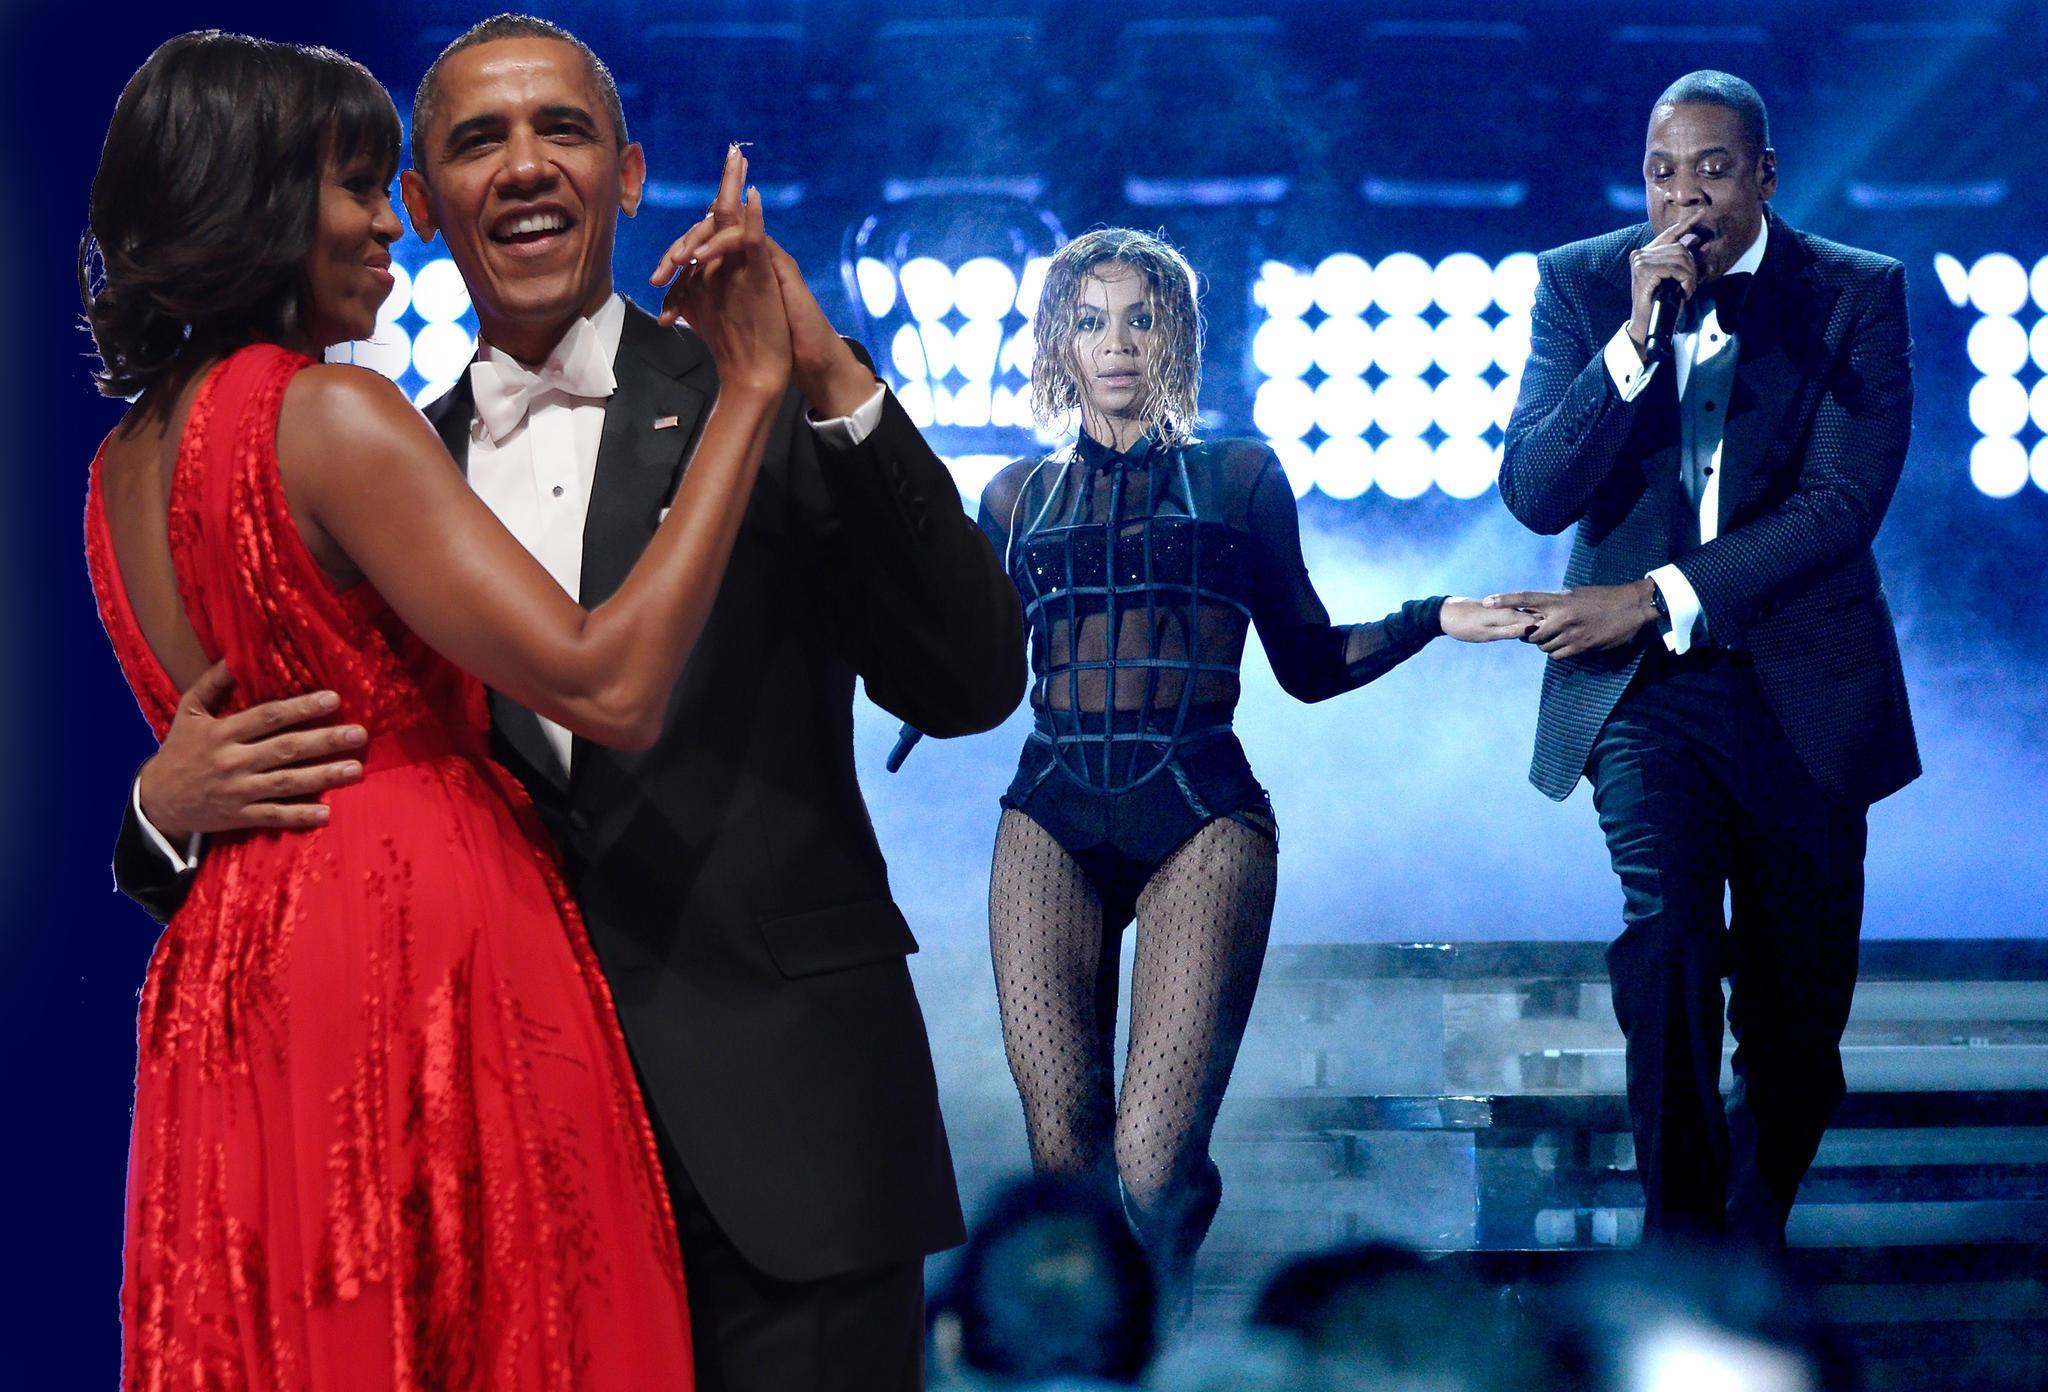 Michelle Obama, Barack Obama, Beyoncé, Jay-Z